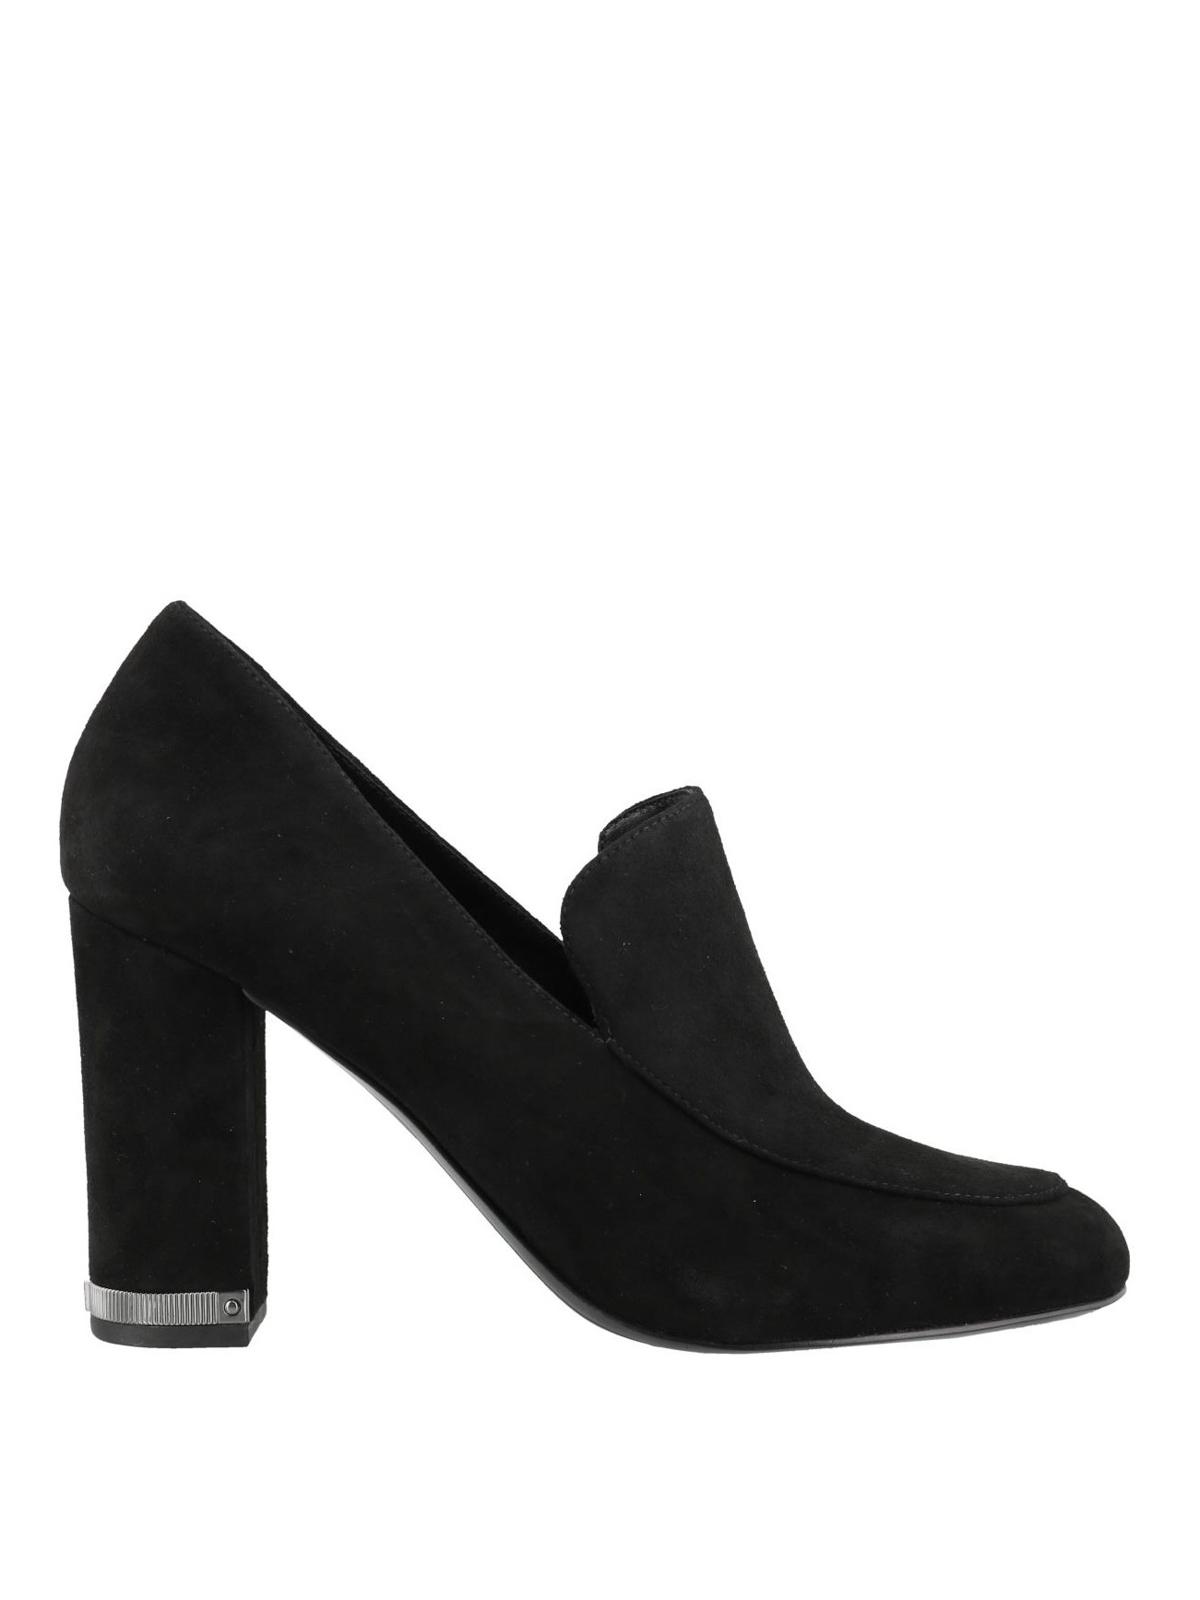 Michael Kors - Valerie loafer style